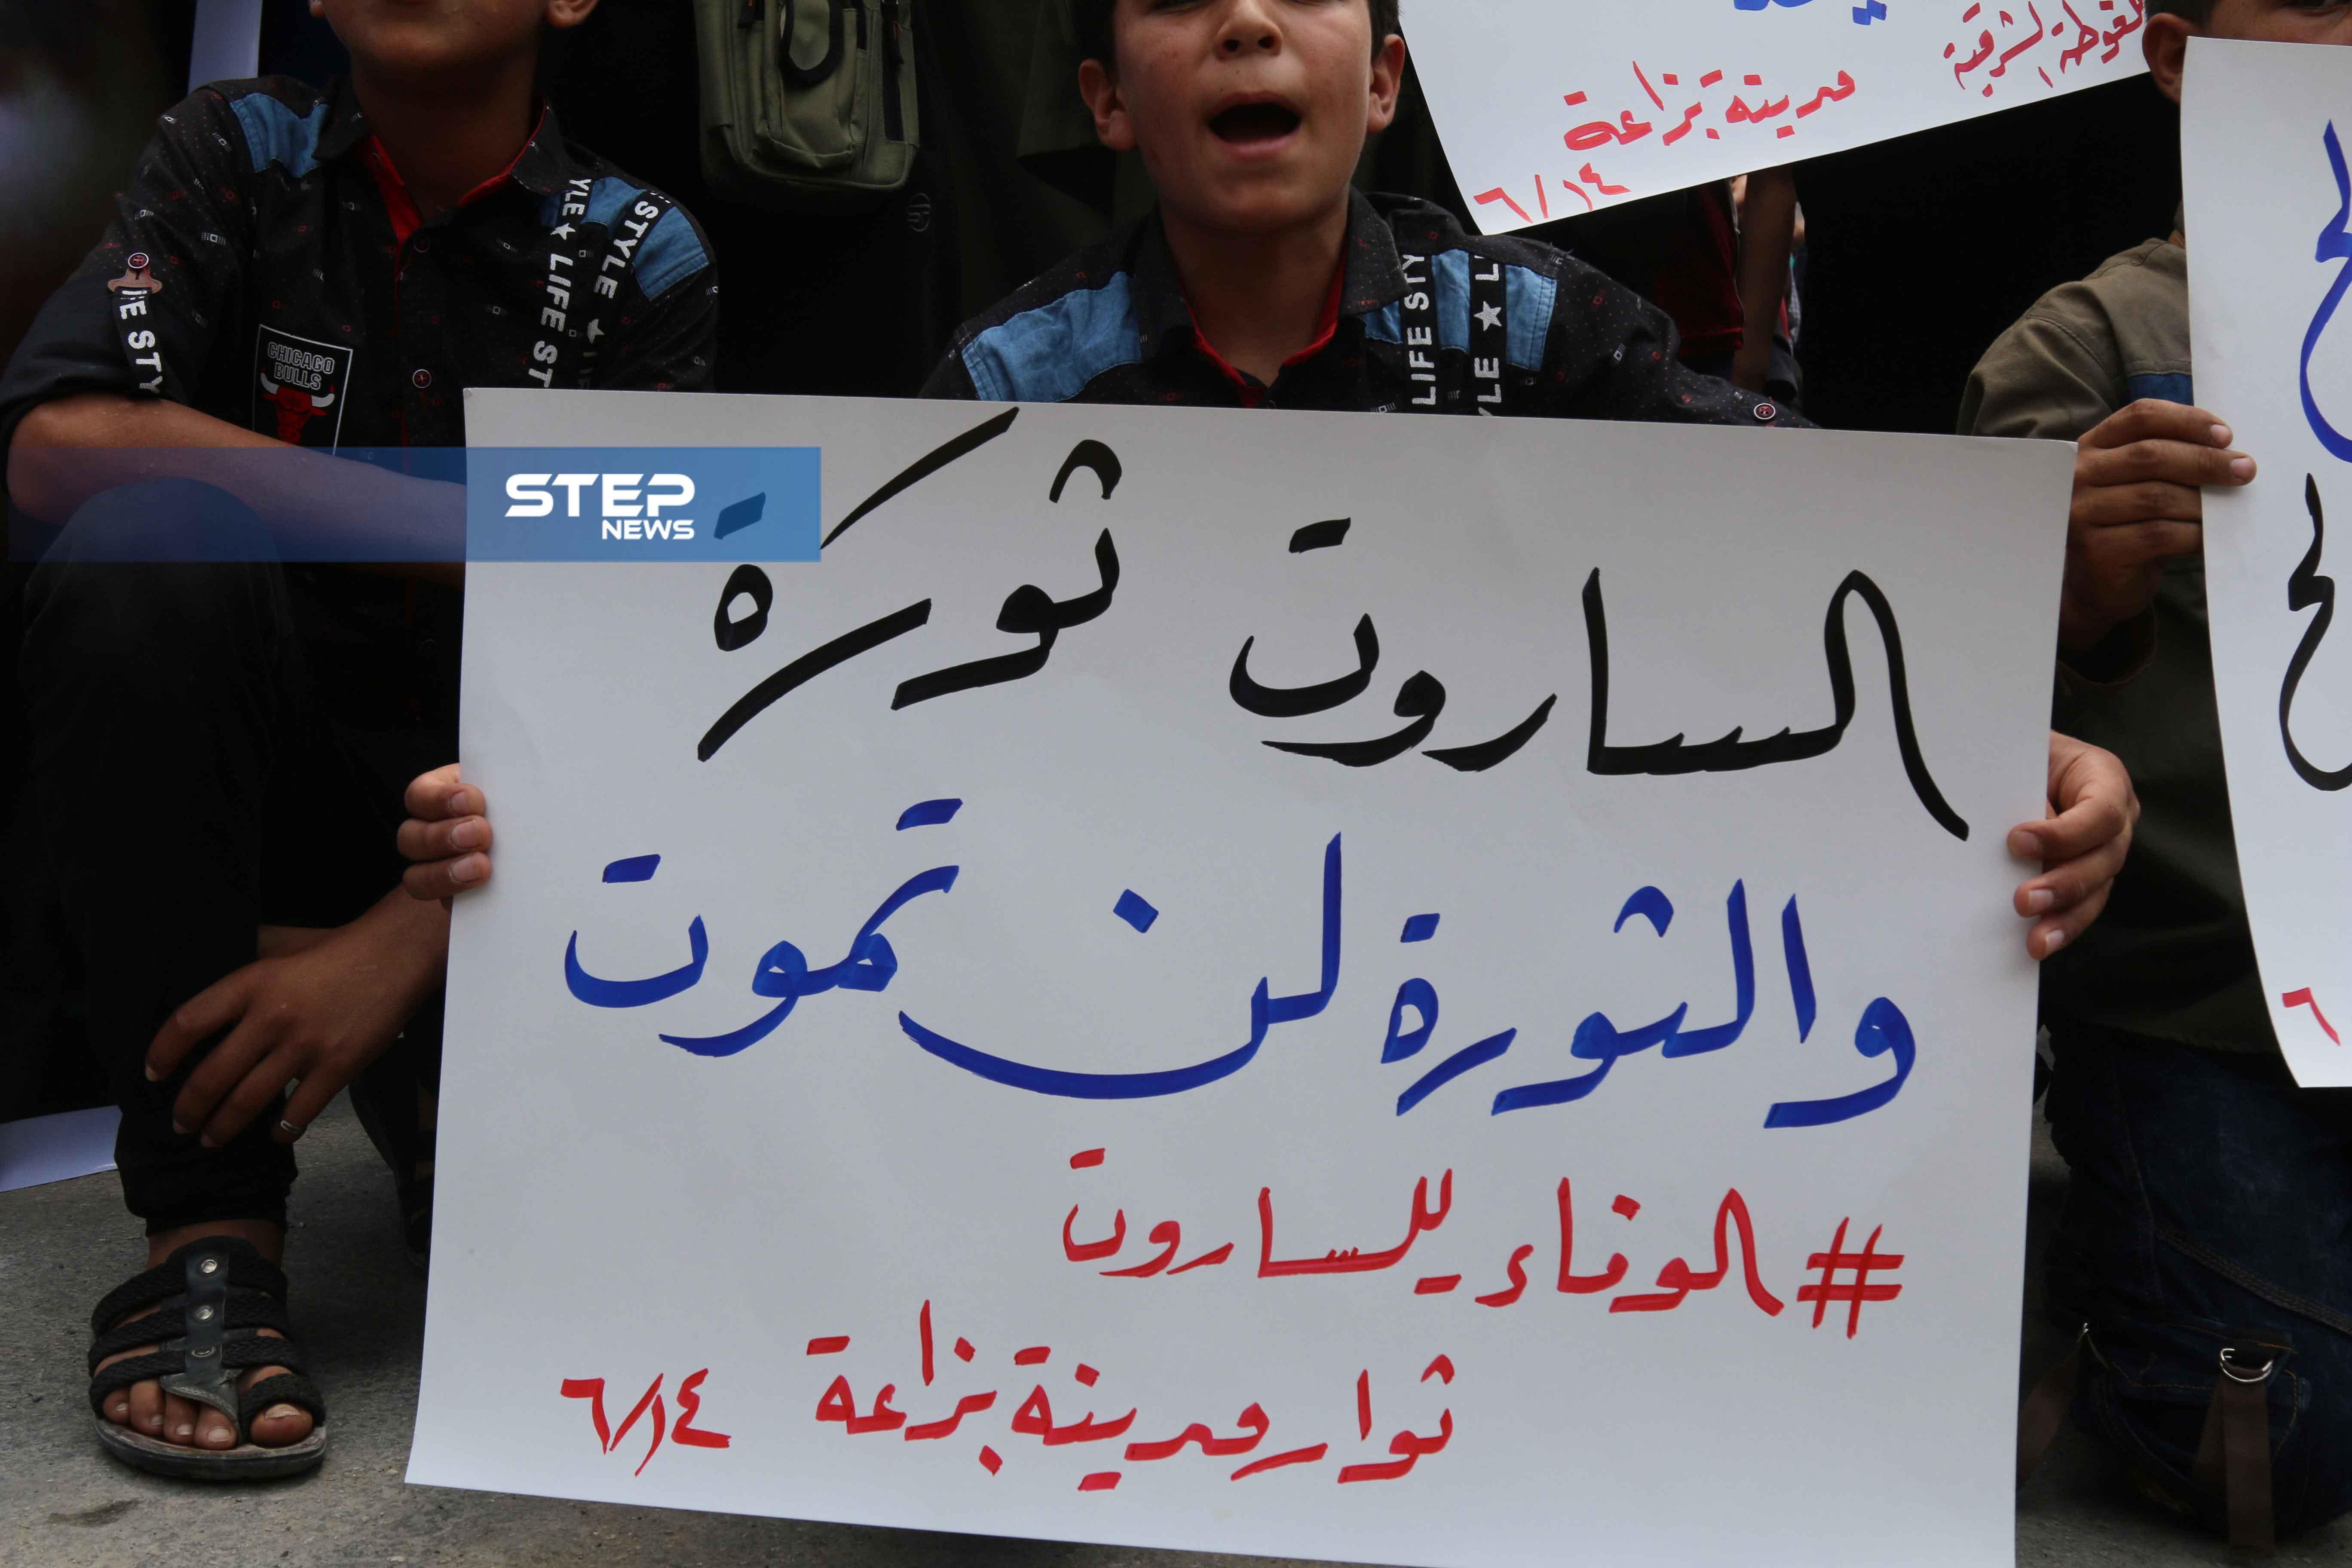 خروج مظاهرة في مدينة بزاعة بريف حلب وفاءً للشهيد عبد الباسط الساروت